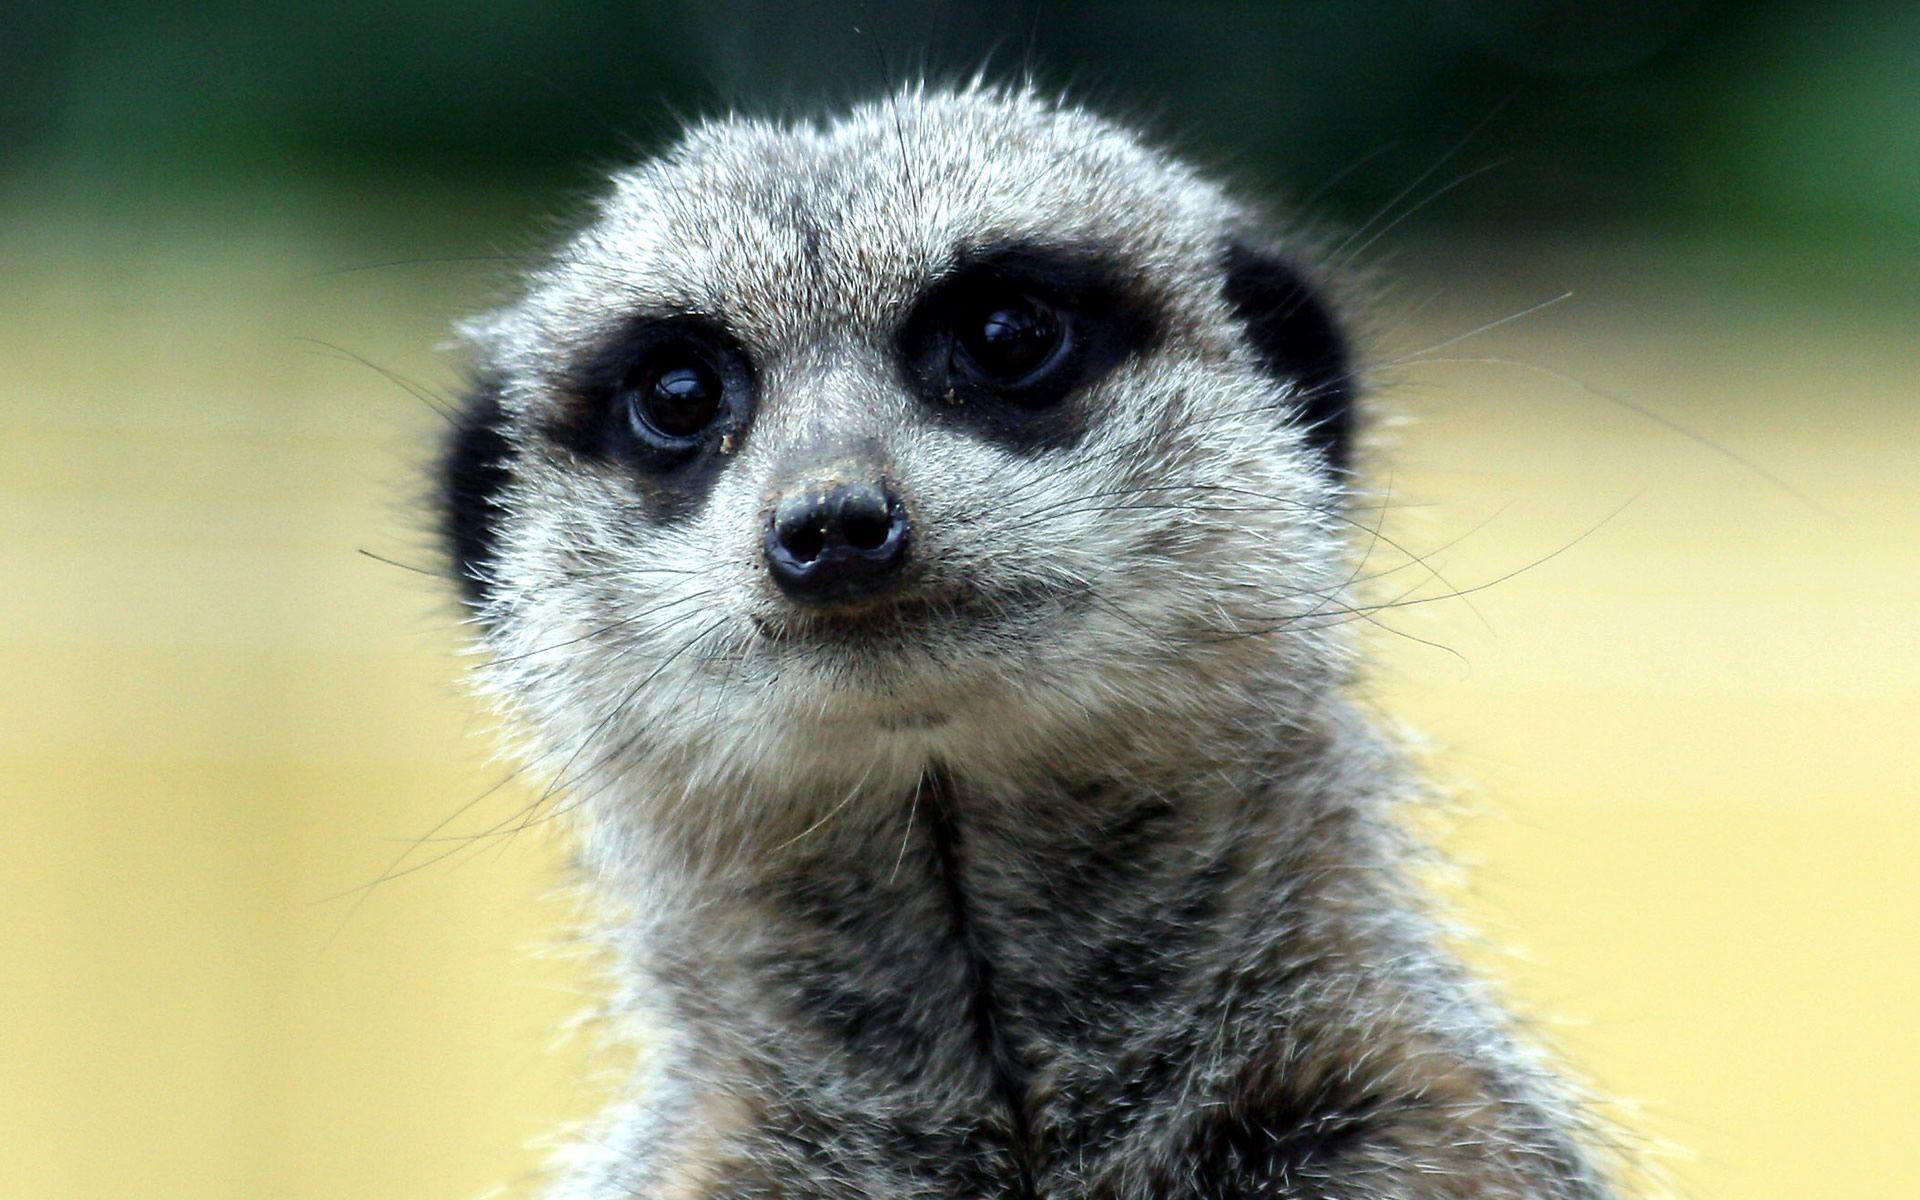 Meerkat Background images